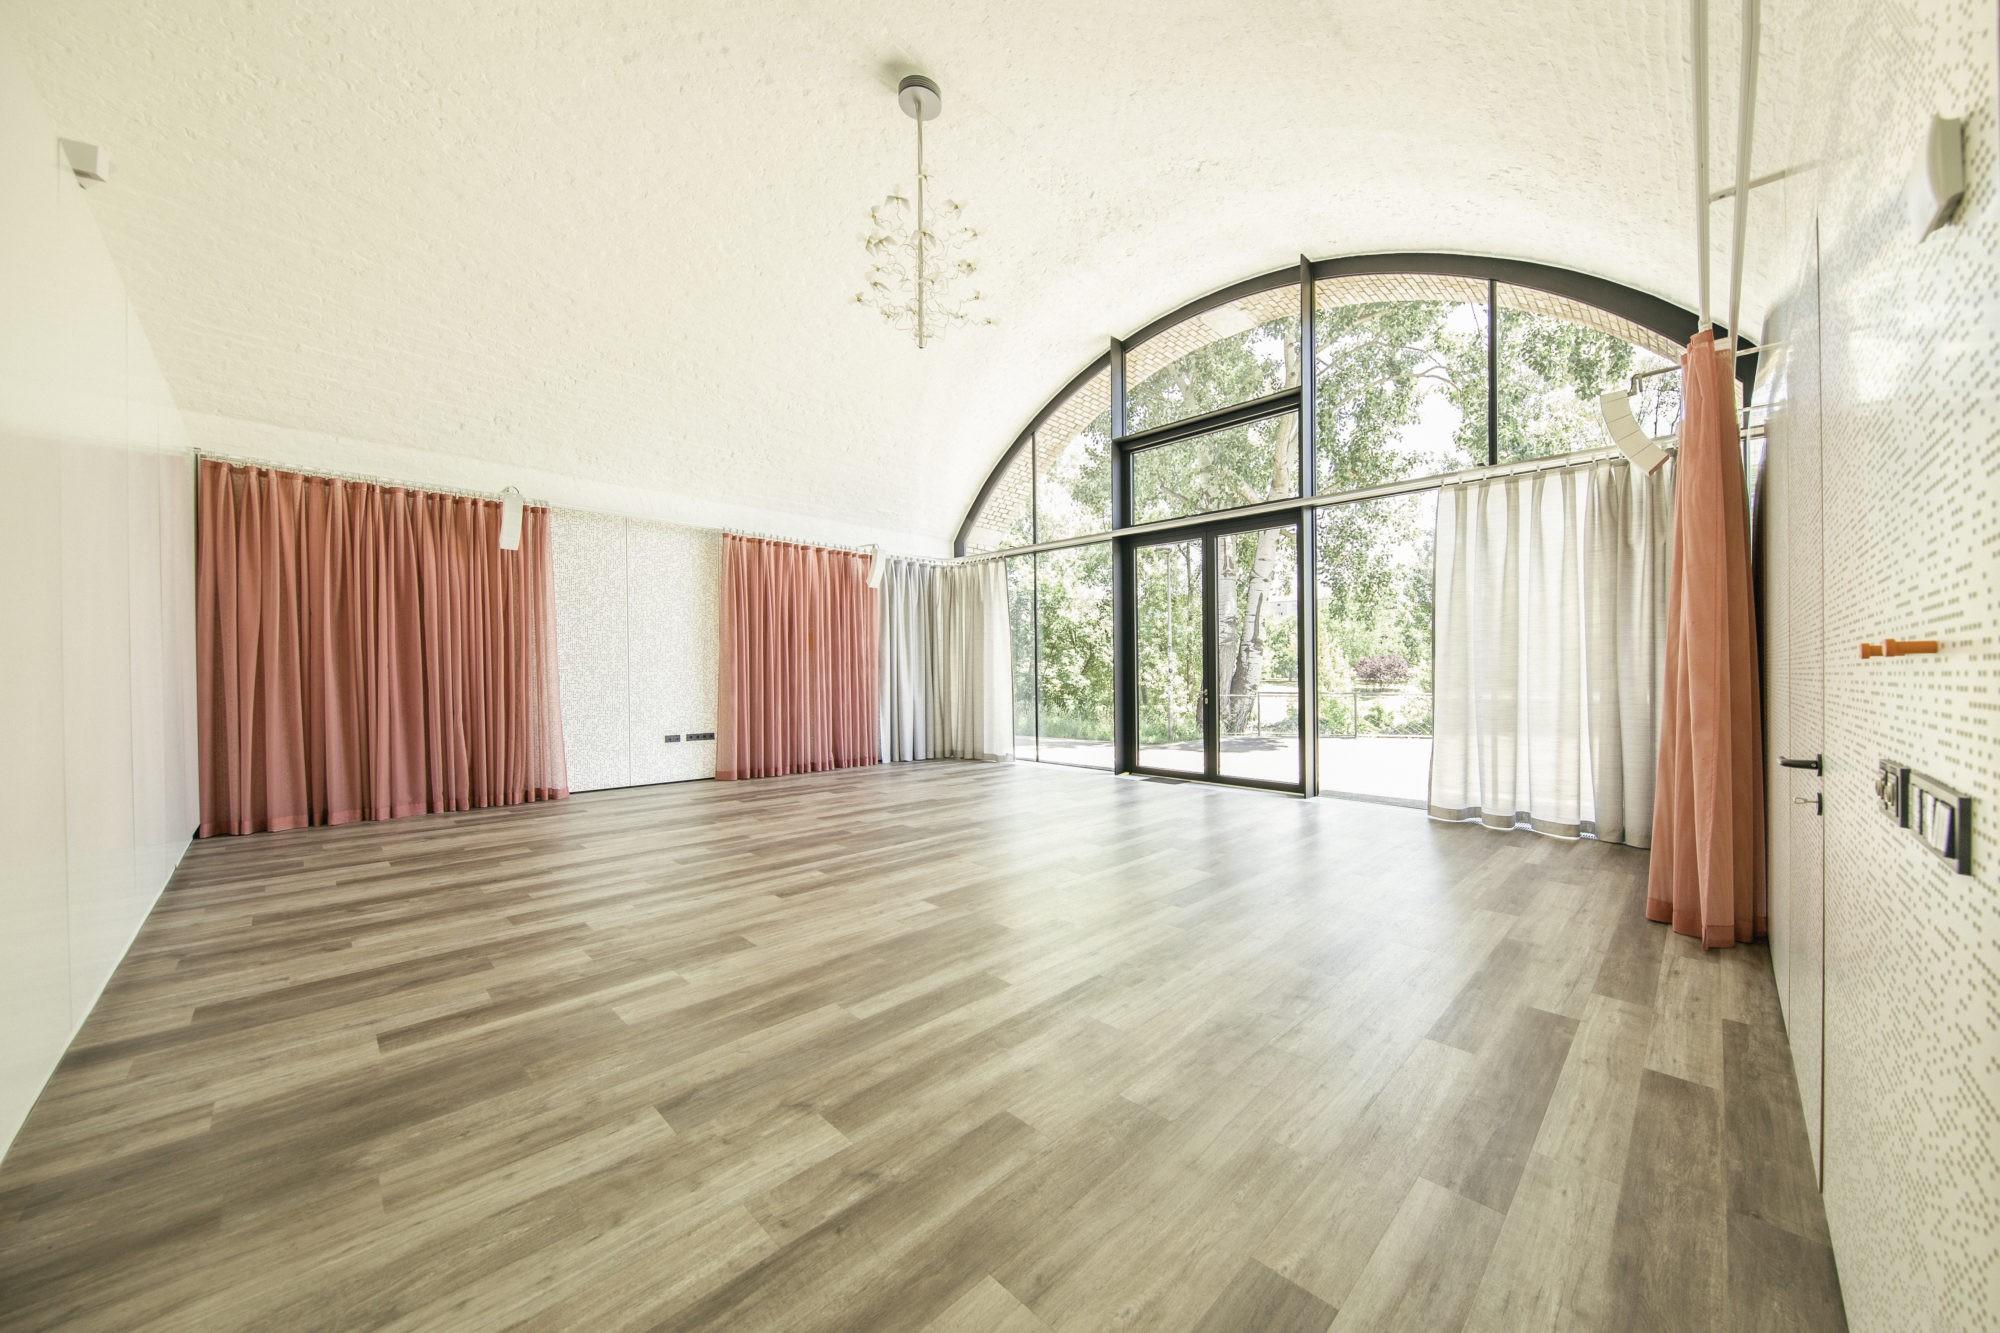 Großer Tanzbogen Tanzstudio 1, schöner Tanzboden in Holzoptik, Vorhänge in grau und hellrot. Blick nach draußen zum grünen Donaukanal.